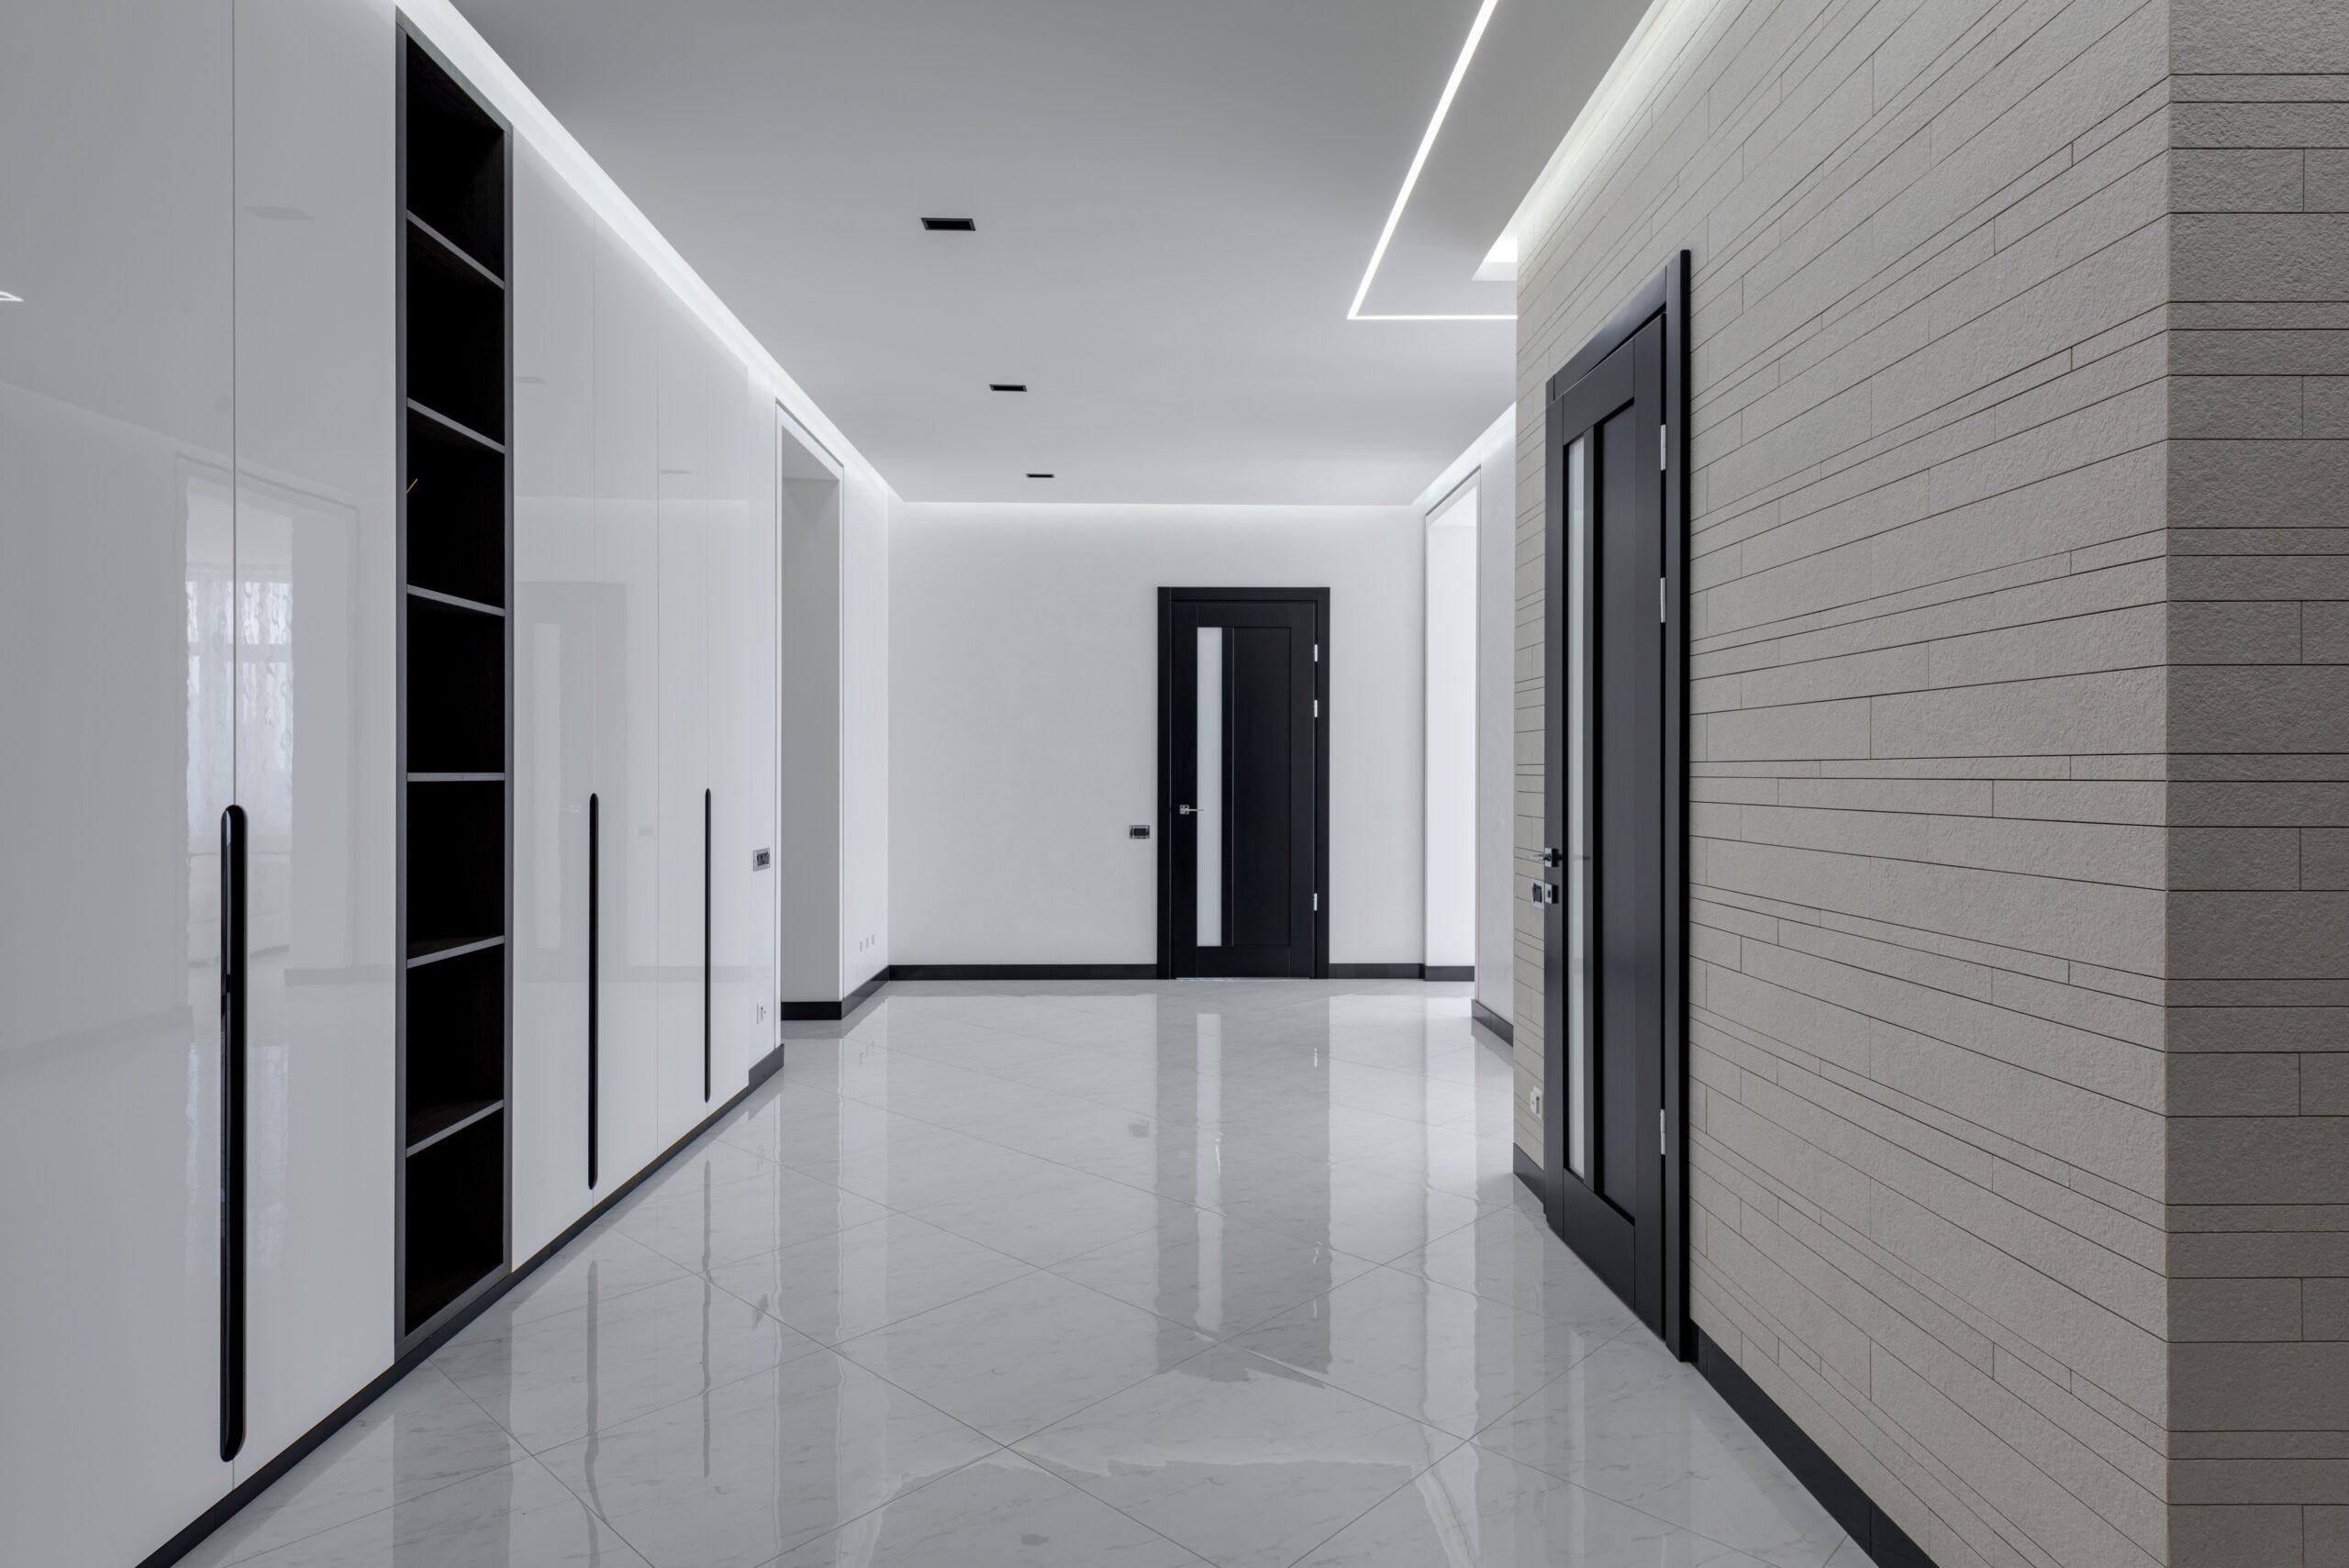 まとめ:オフィスレイアウトはシンプルに考えれば快適な空間になる